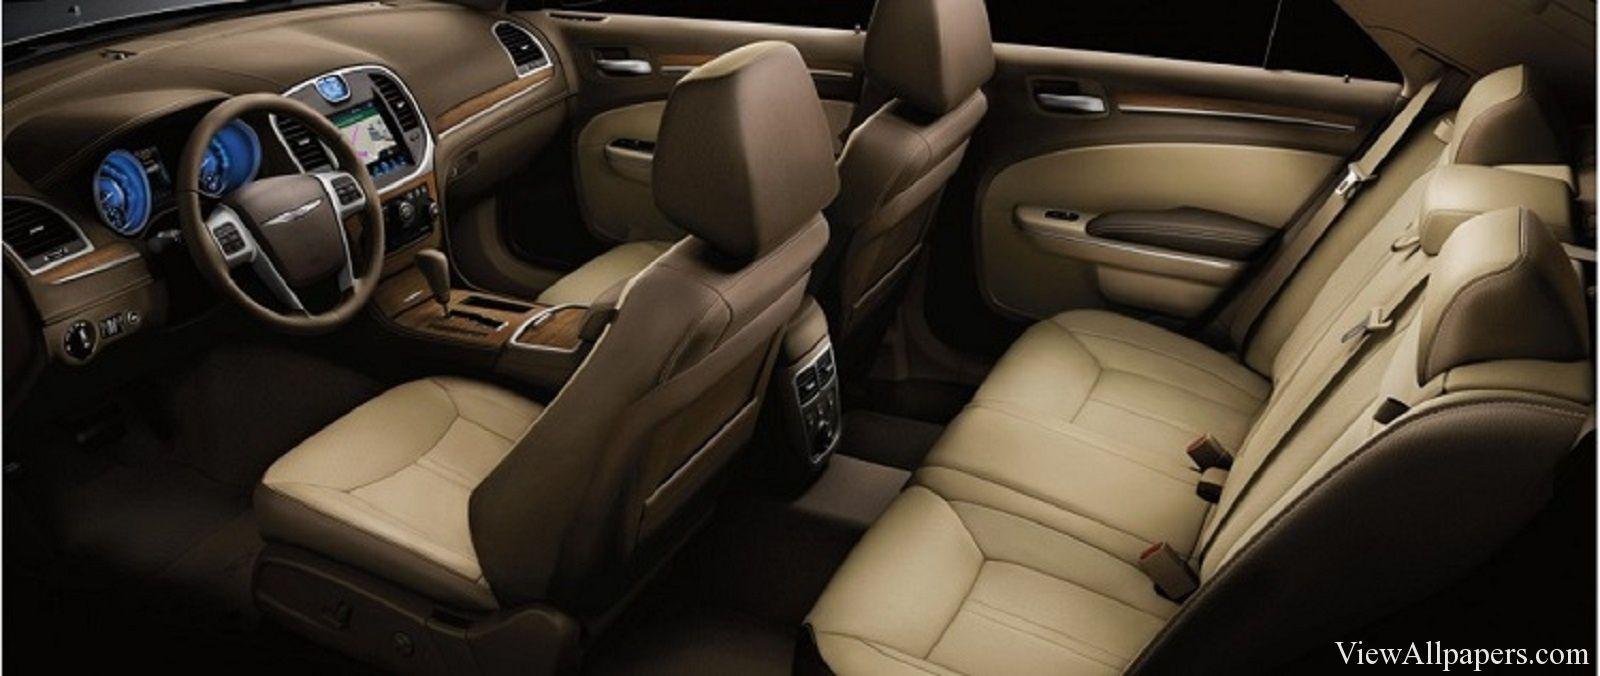 2016 Chrysler 300 Interior